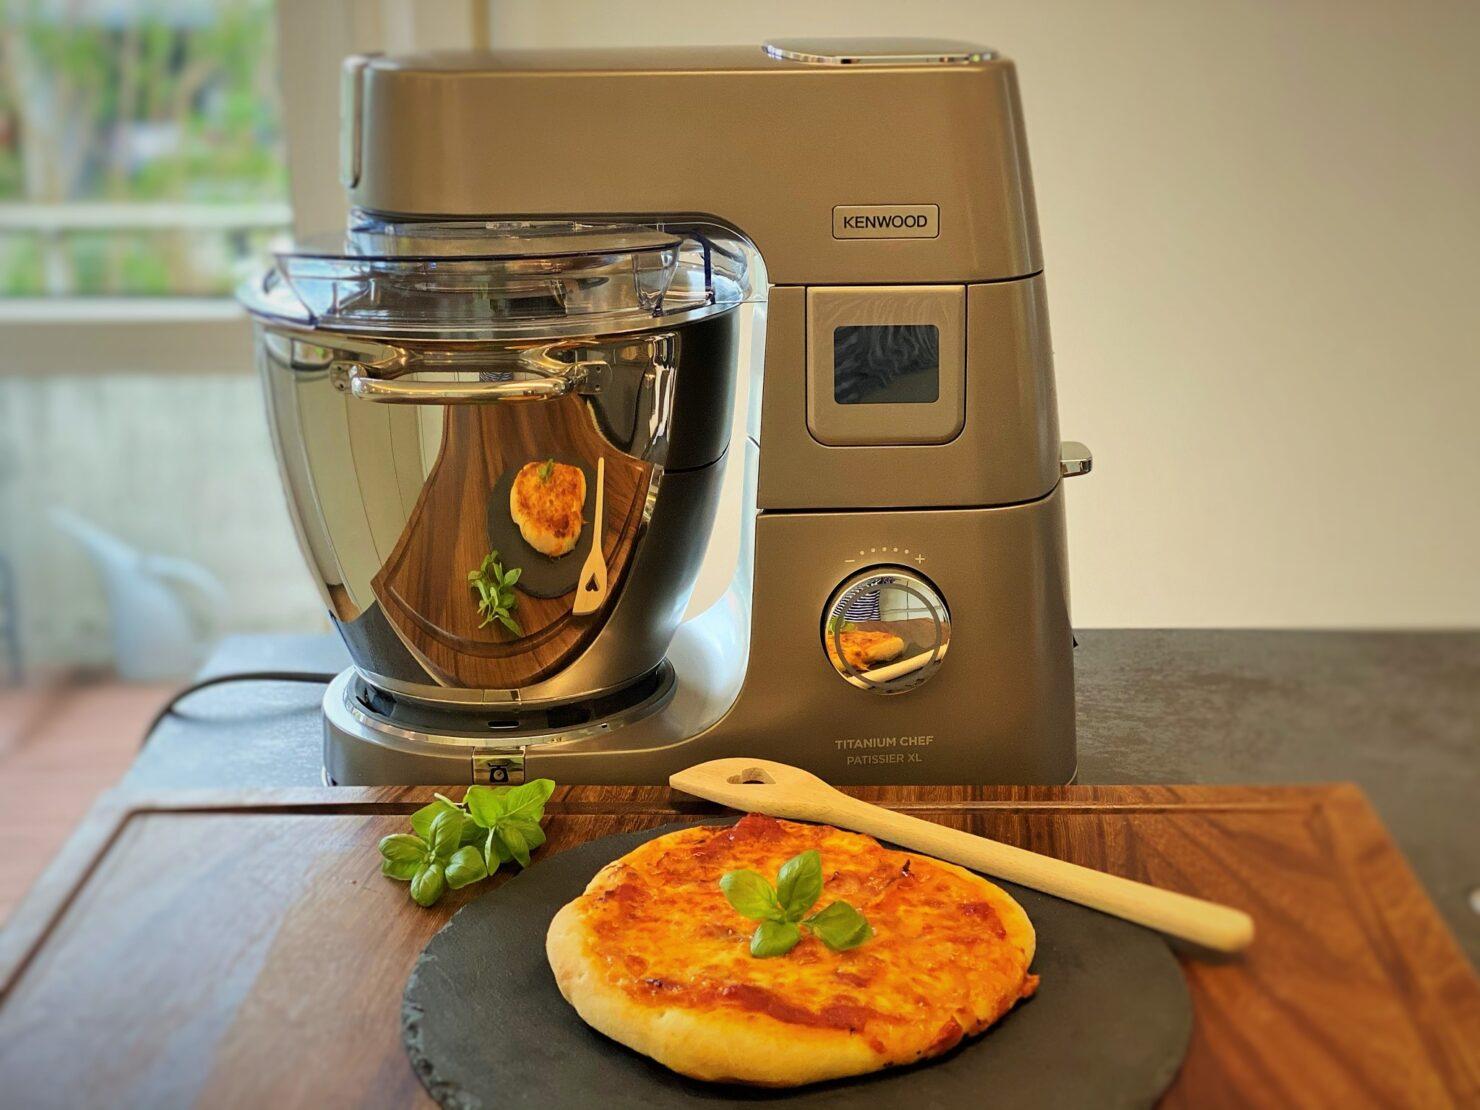 Pizzateig selber machen mit Kenwood